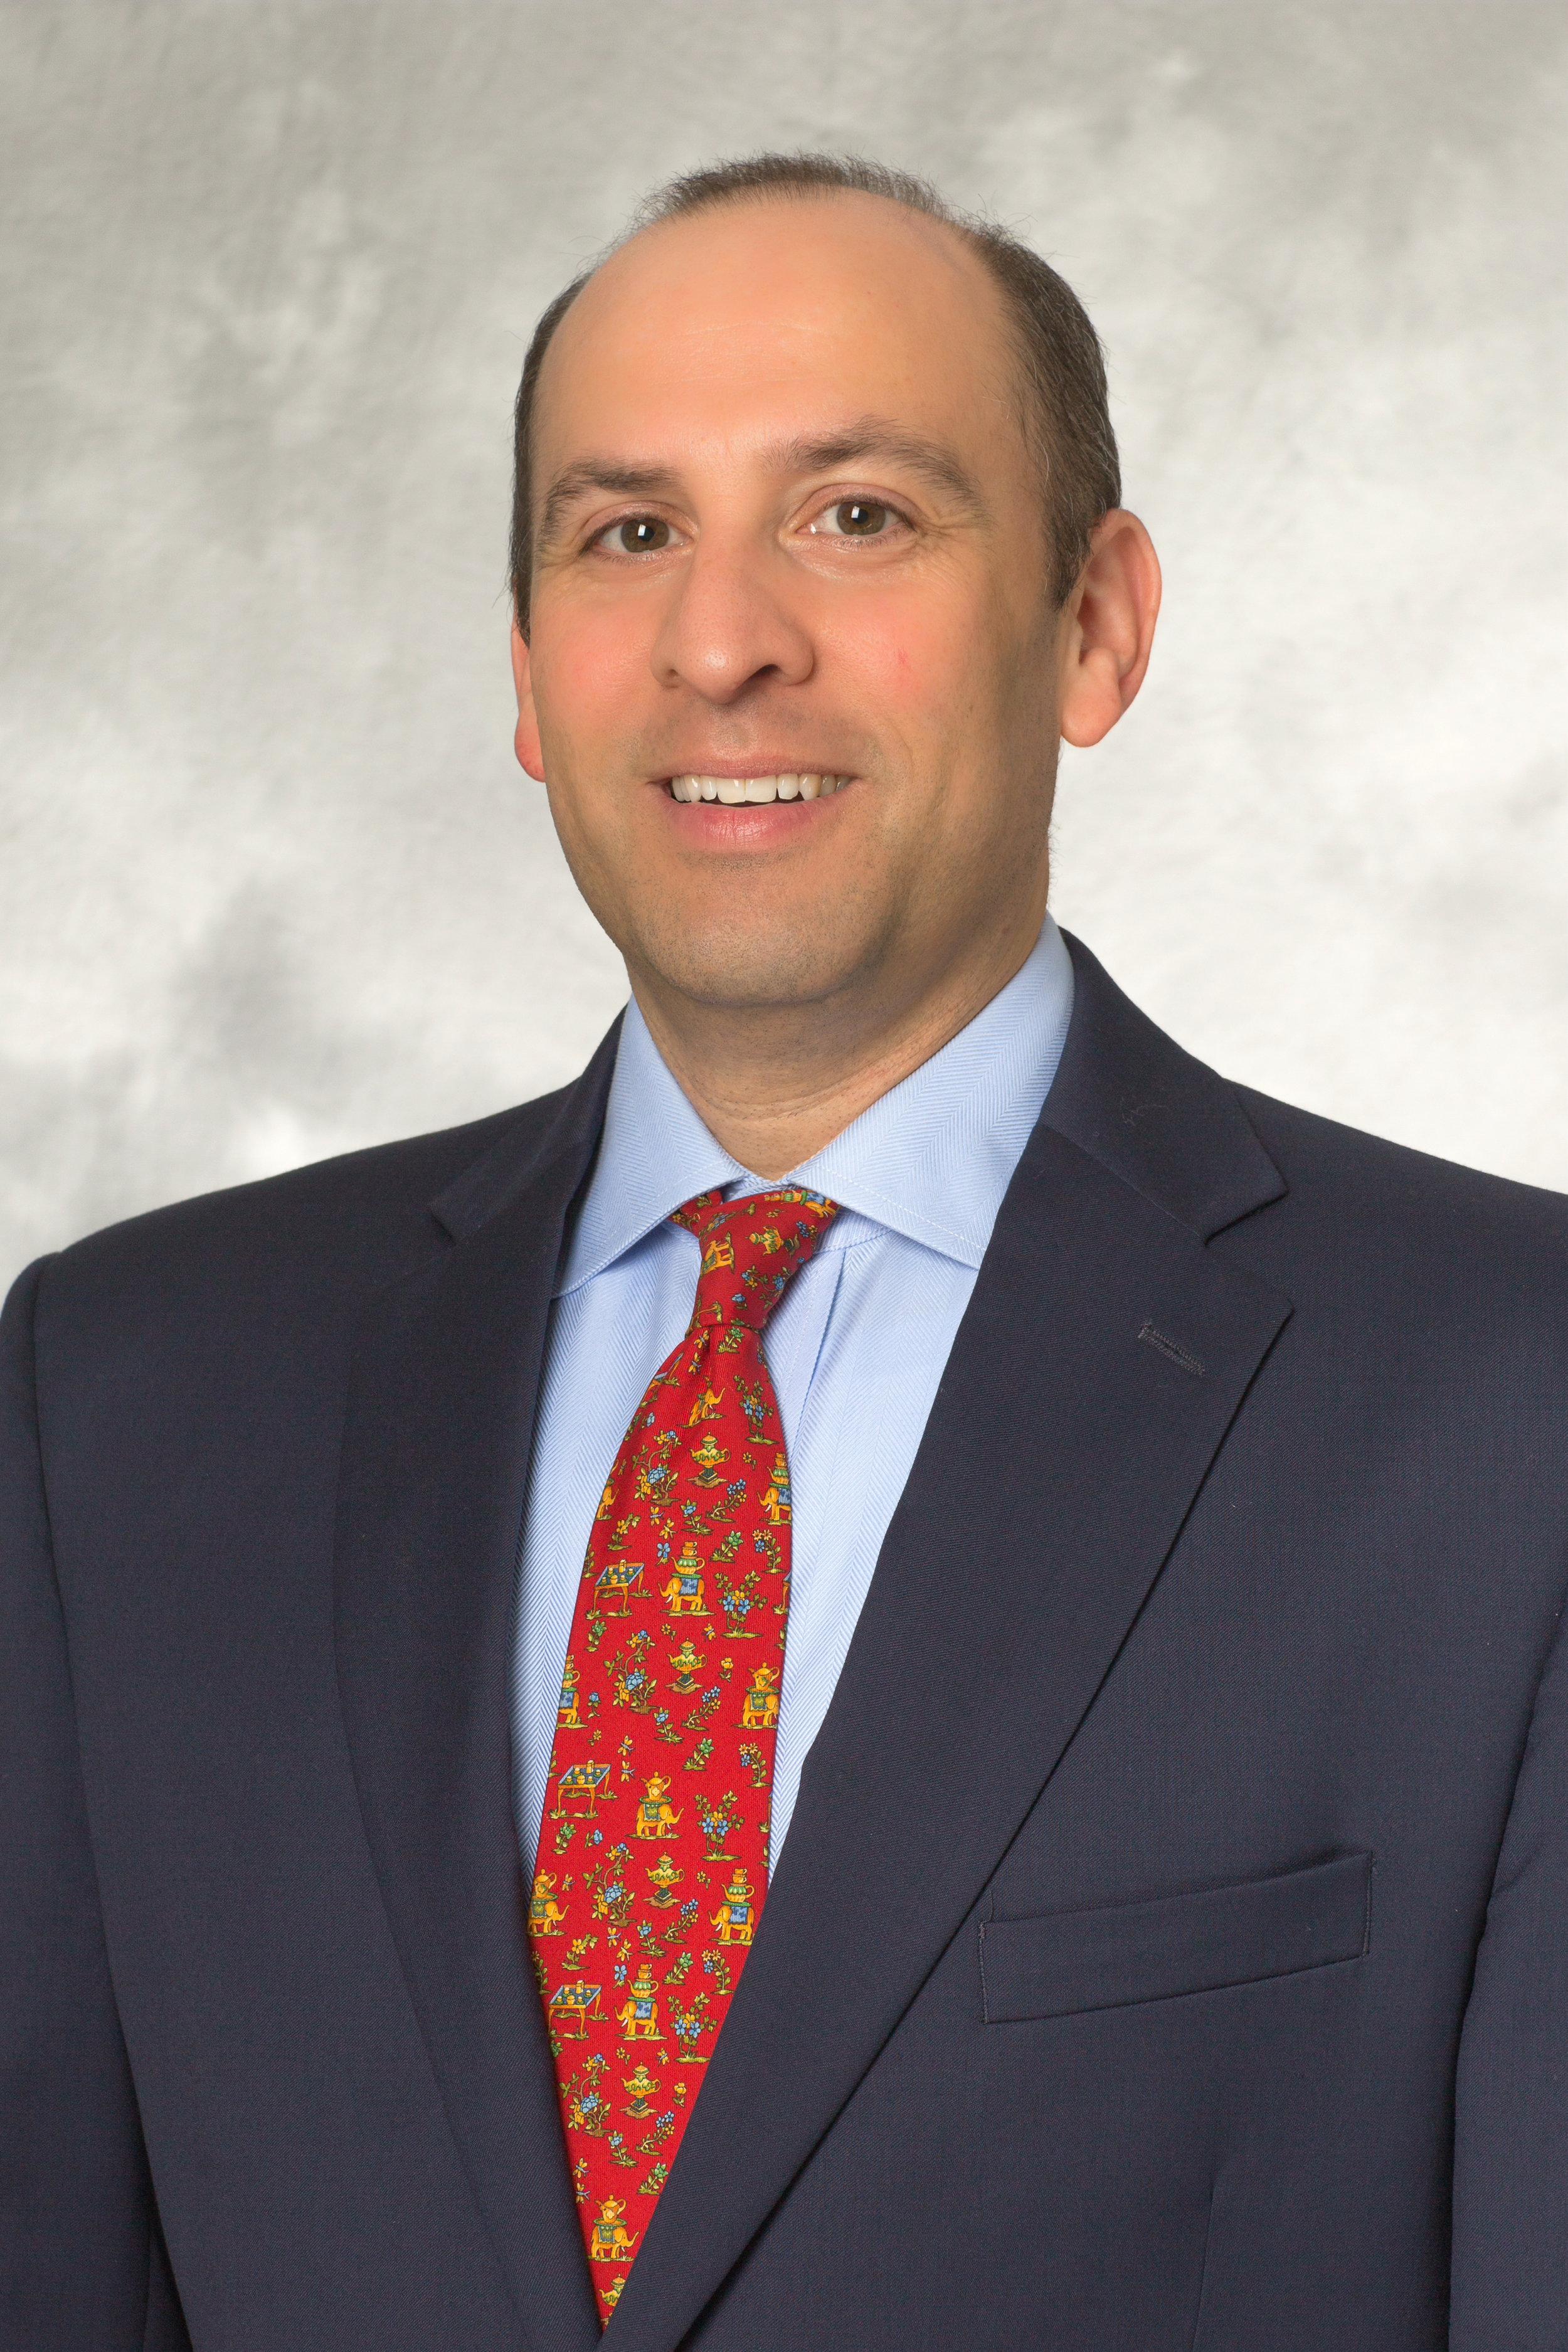 Adam Bergman, Director Wells Fargo CleanTech Banking